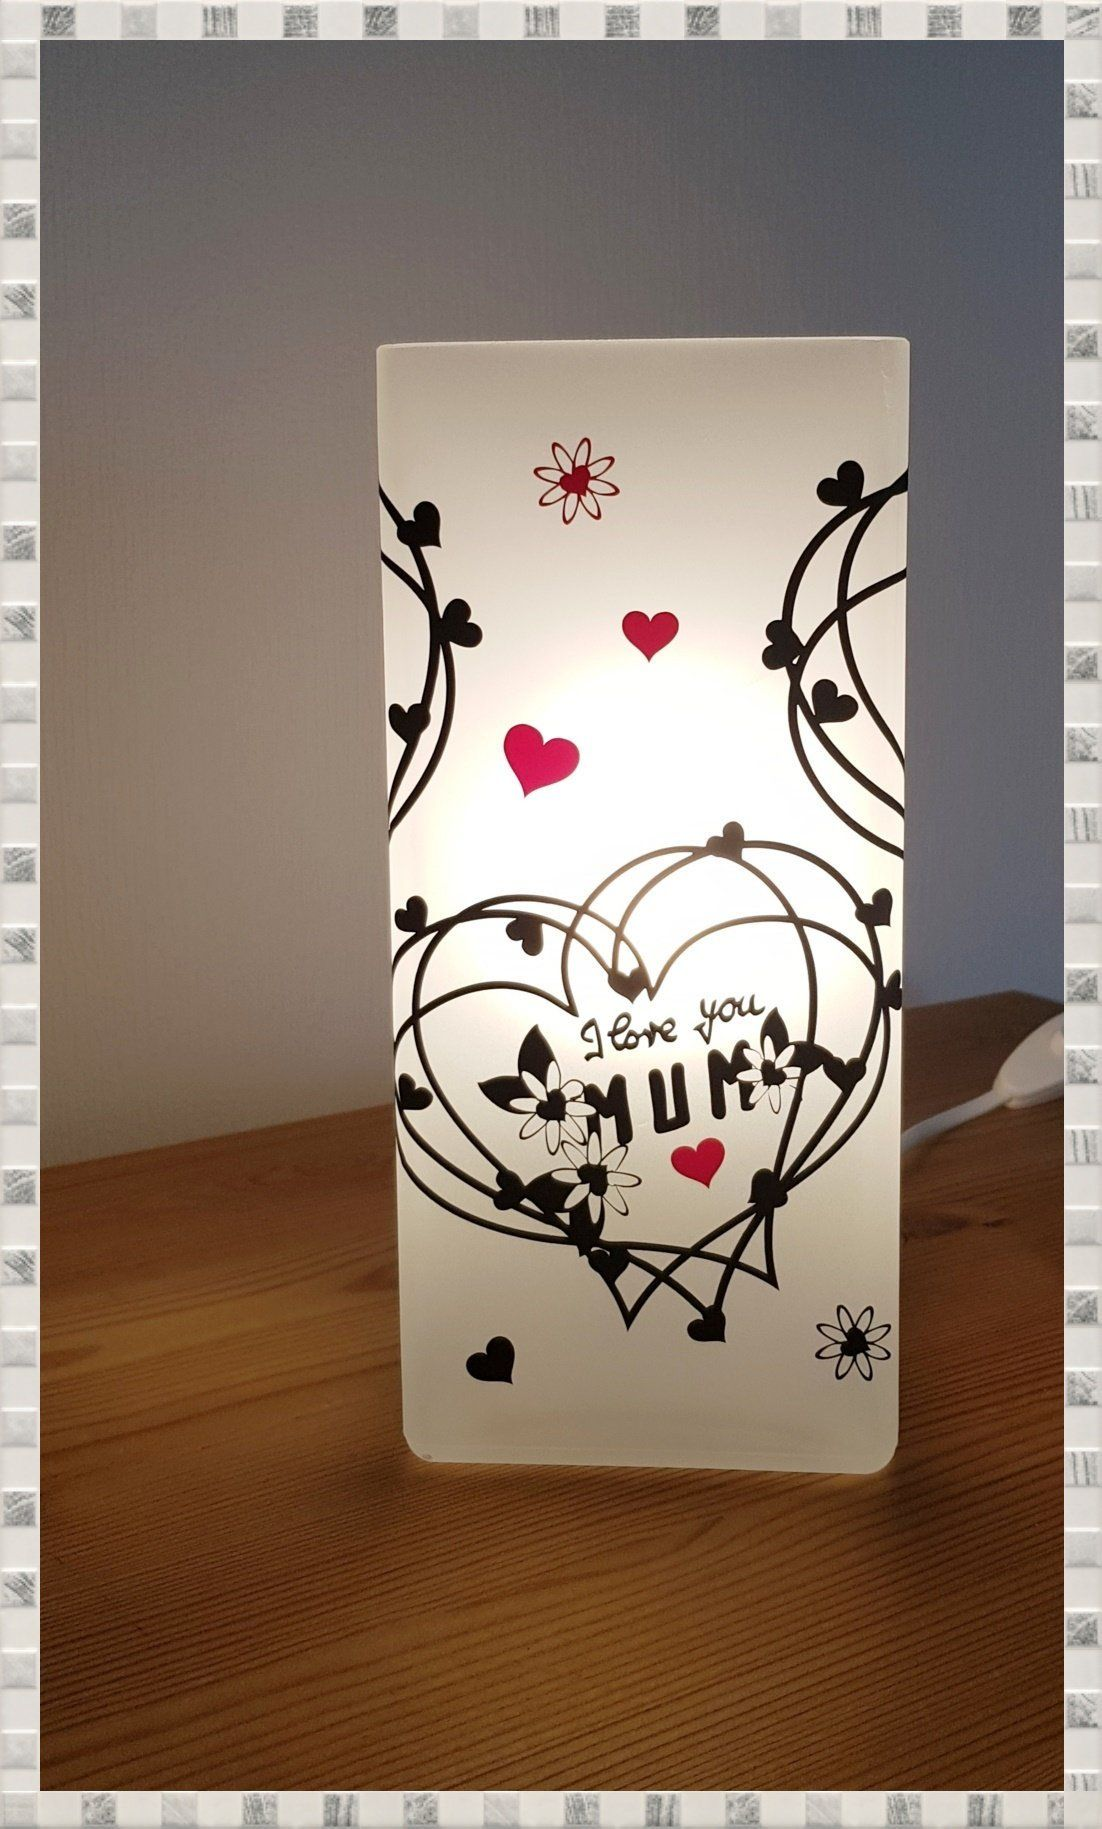 Tischlampe Muttertagsgeschenk Kleine Lampe Lampe Mit Spruch Geschenk Fruhlingsdekoration Easter Images Diy Trends Happy Easter